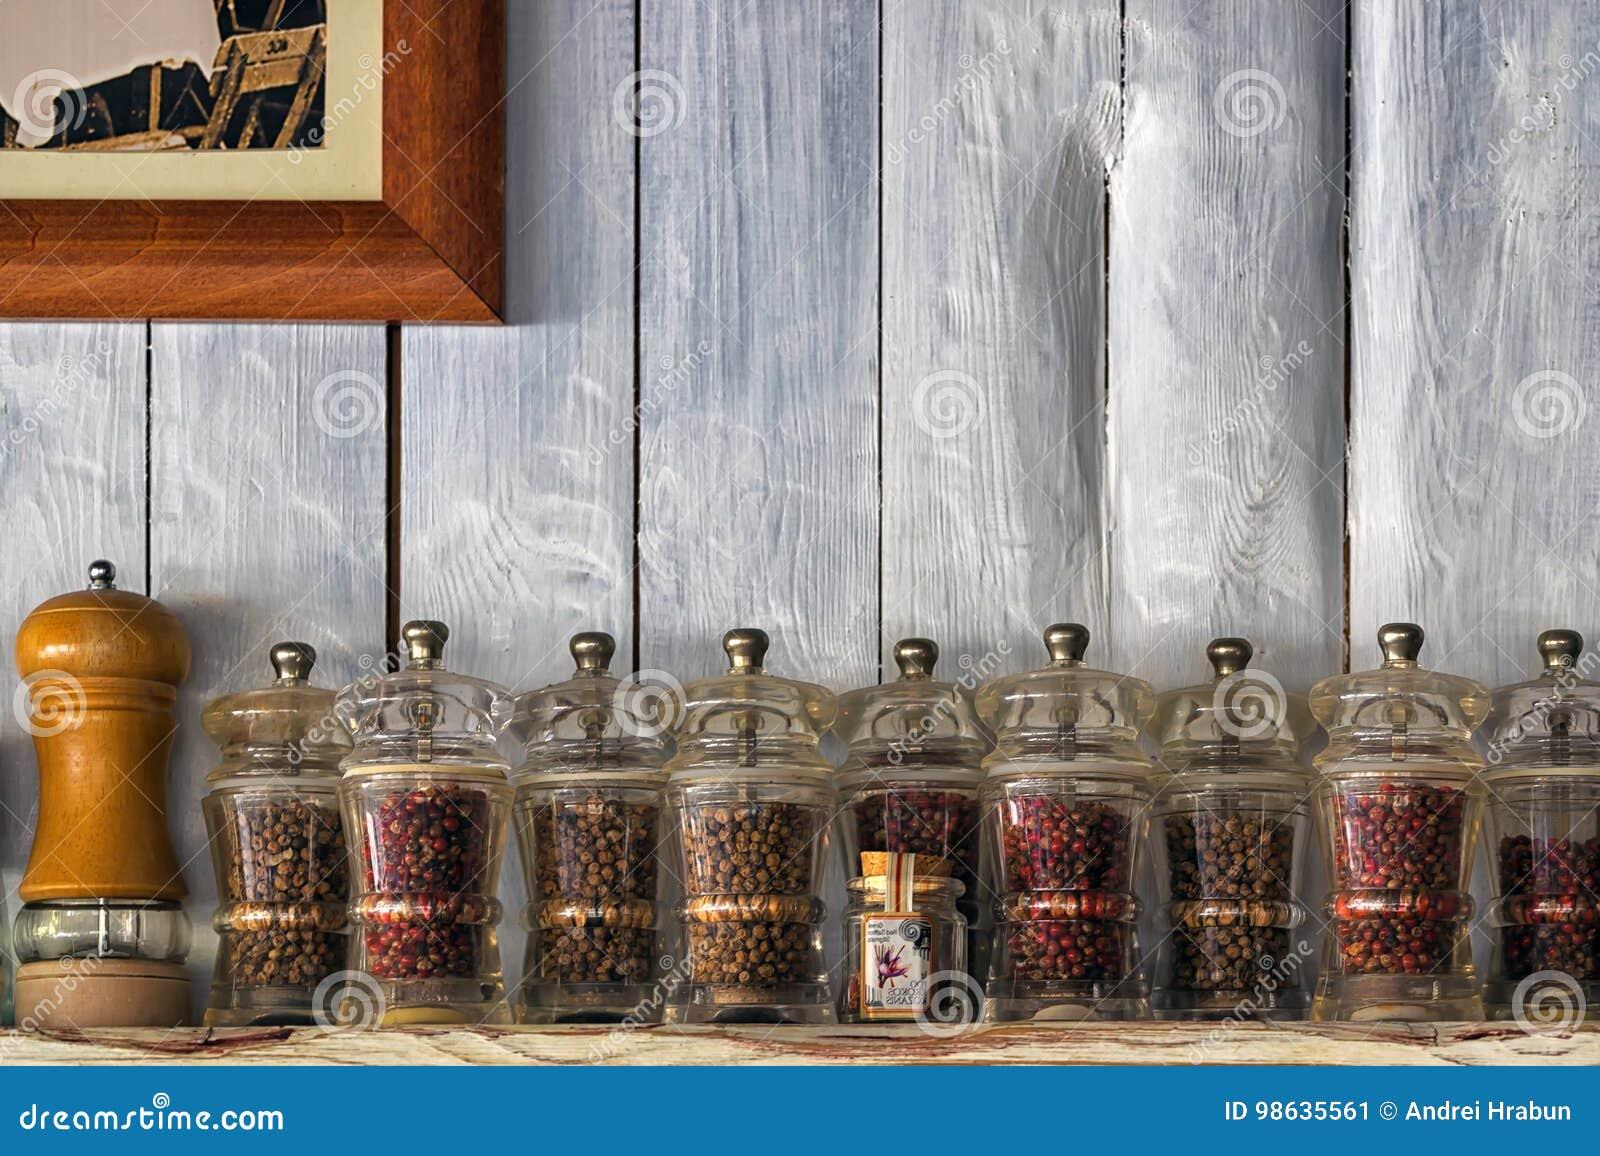 Houten Planken Tegen De Muur.Keukengerei Kruiden En Kruiden Op Plank Tegen Rustieke Houten Muur